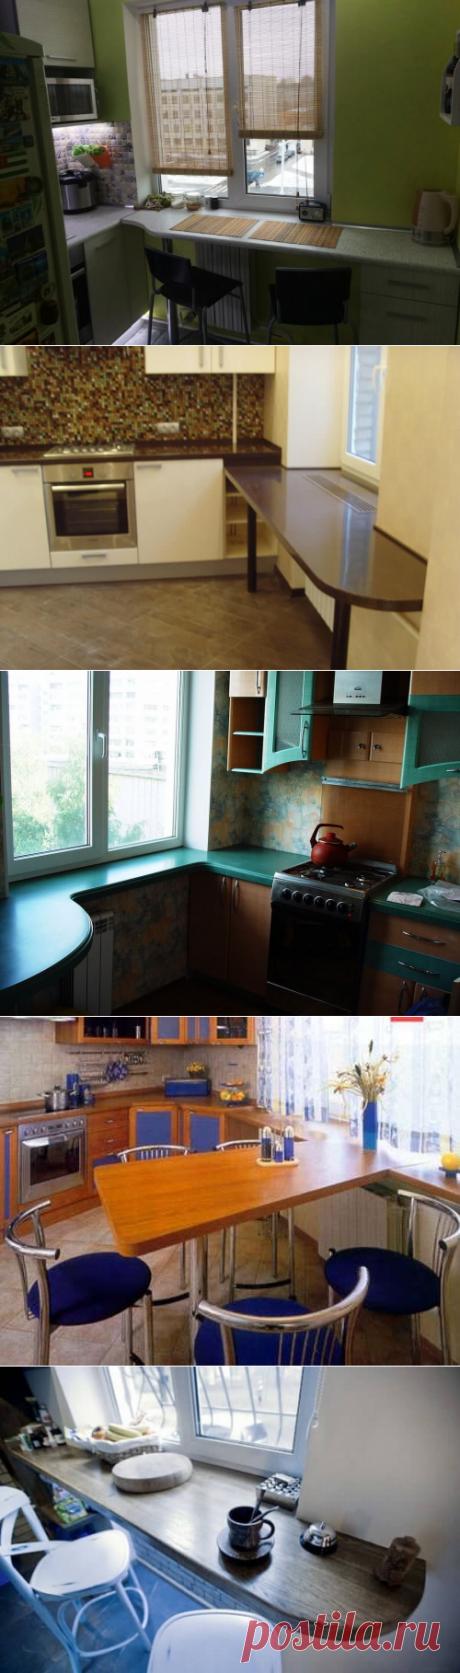 22 идеи для обустройства функционального подоконника на маленькой кухне | В темпі життя